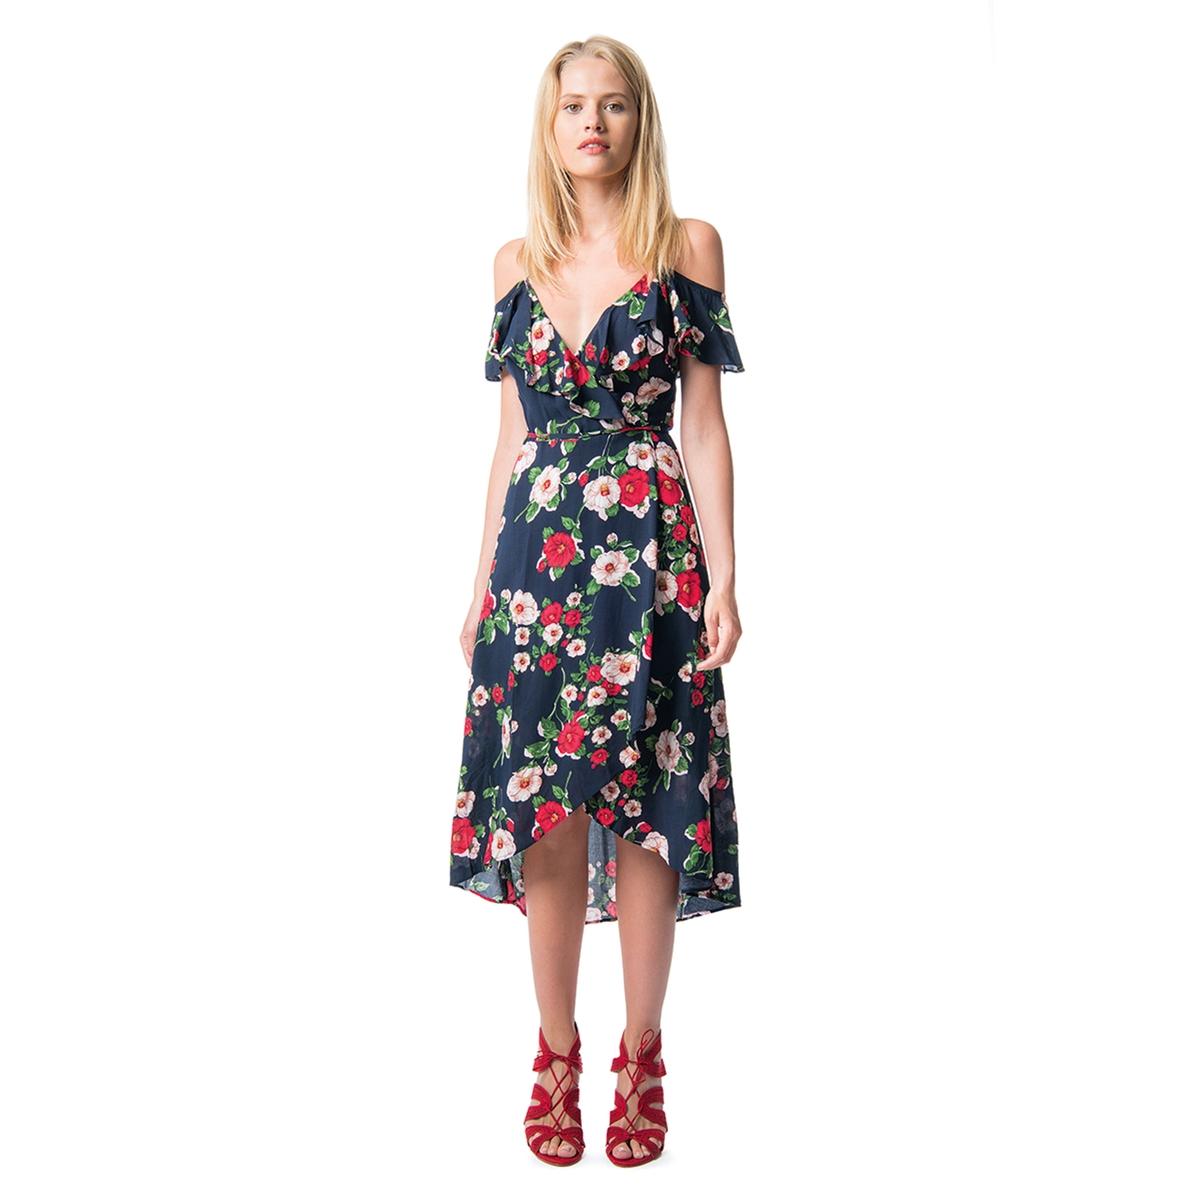 Платье расклешенное с цветочным рисунком, средней длины